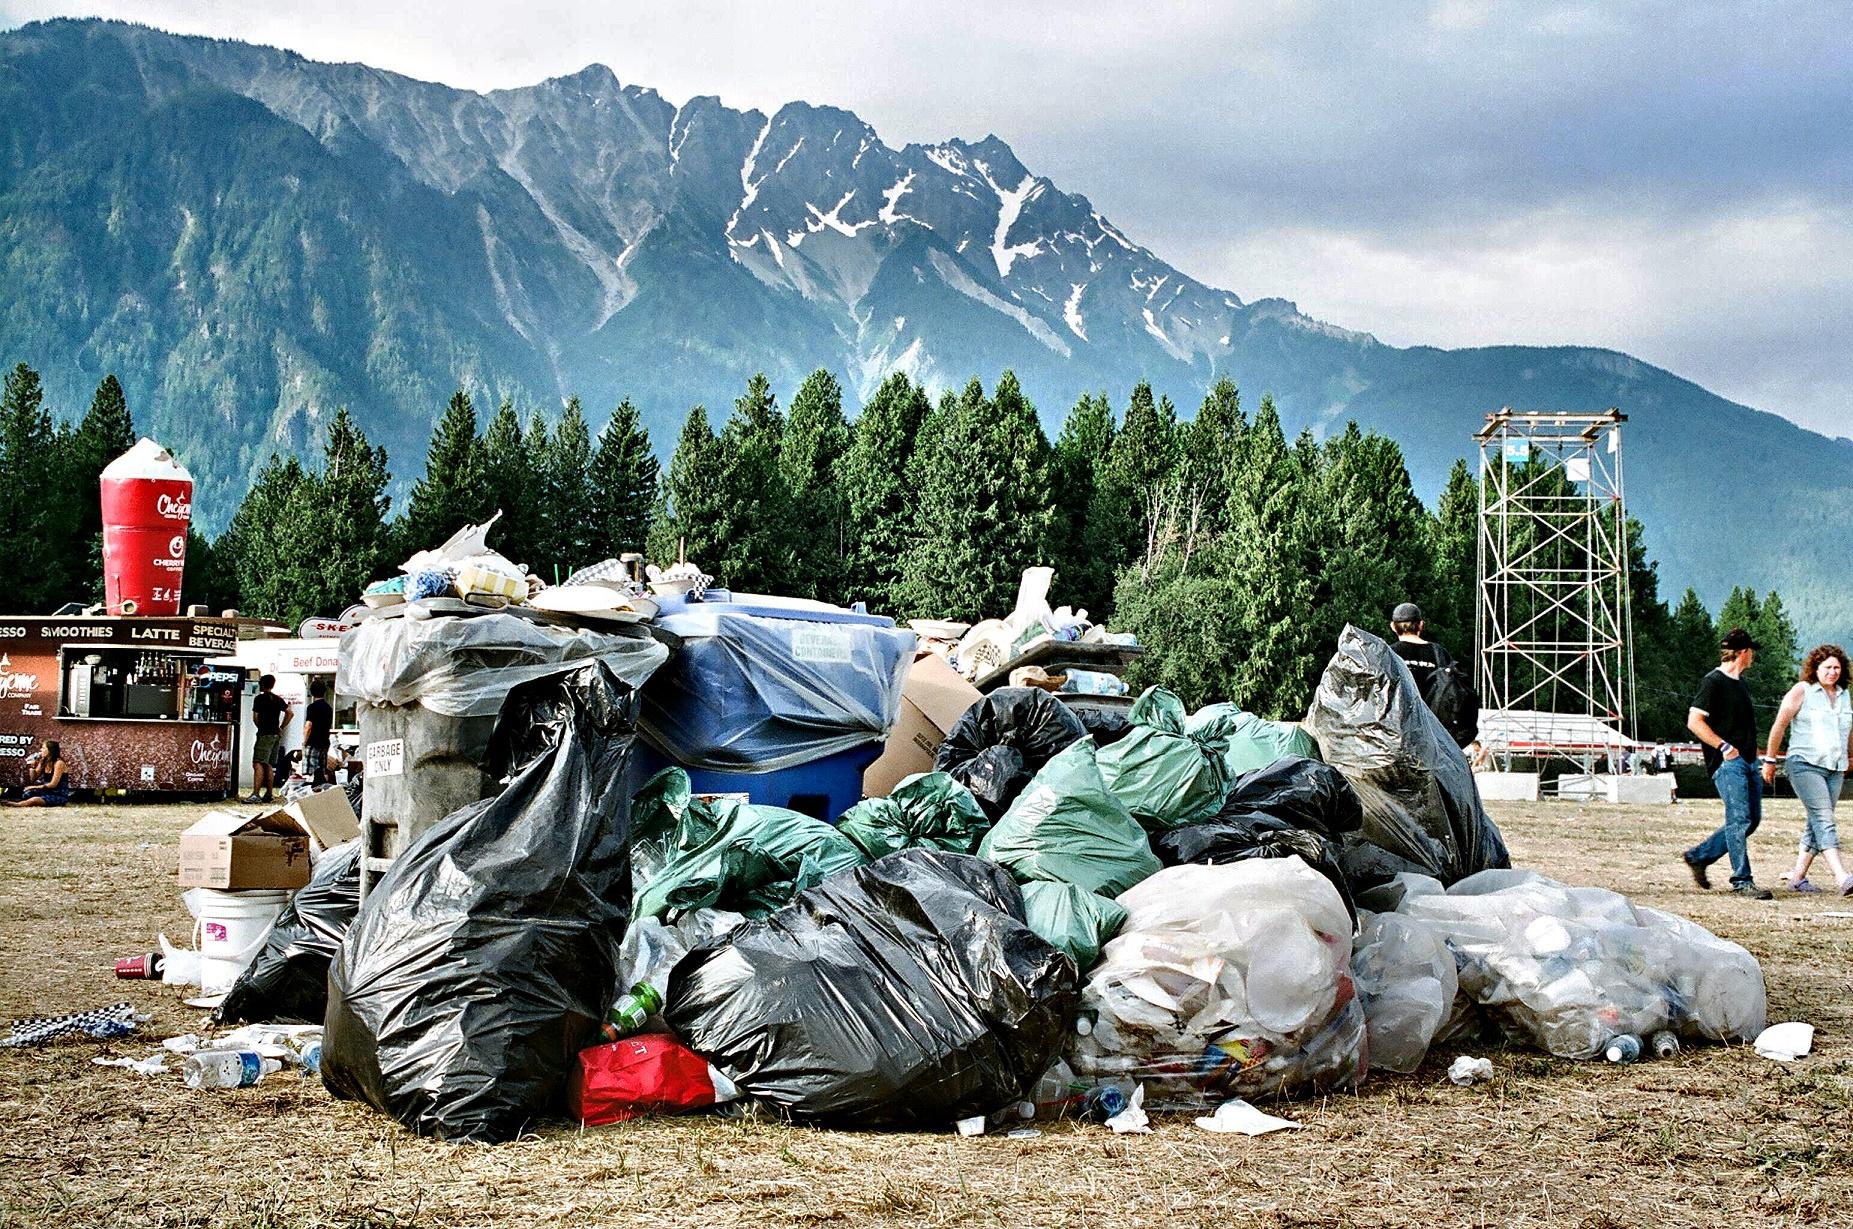 Apenas nos Estados Unidos, o consumo de garrafas plásticas é de 2,5 milhões a cada trinta minutos